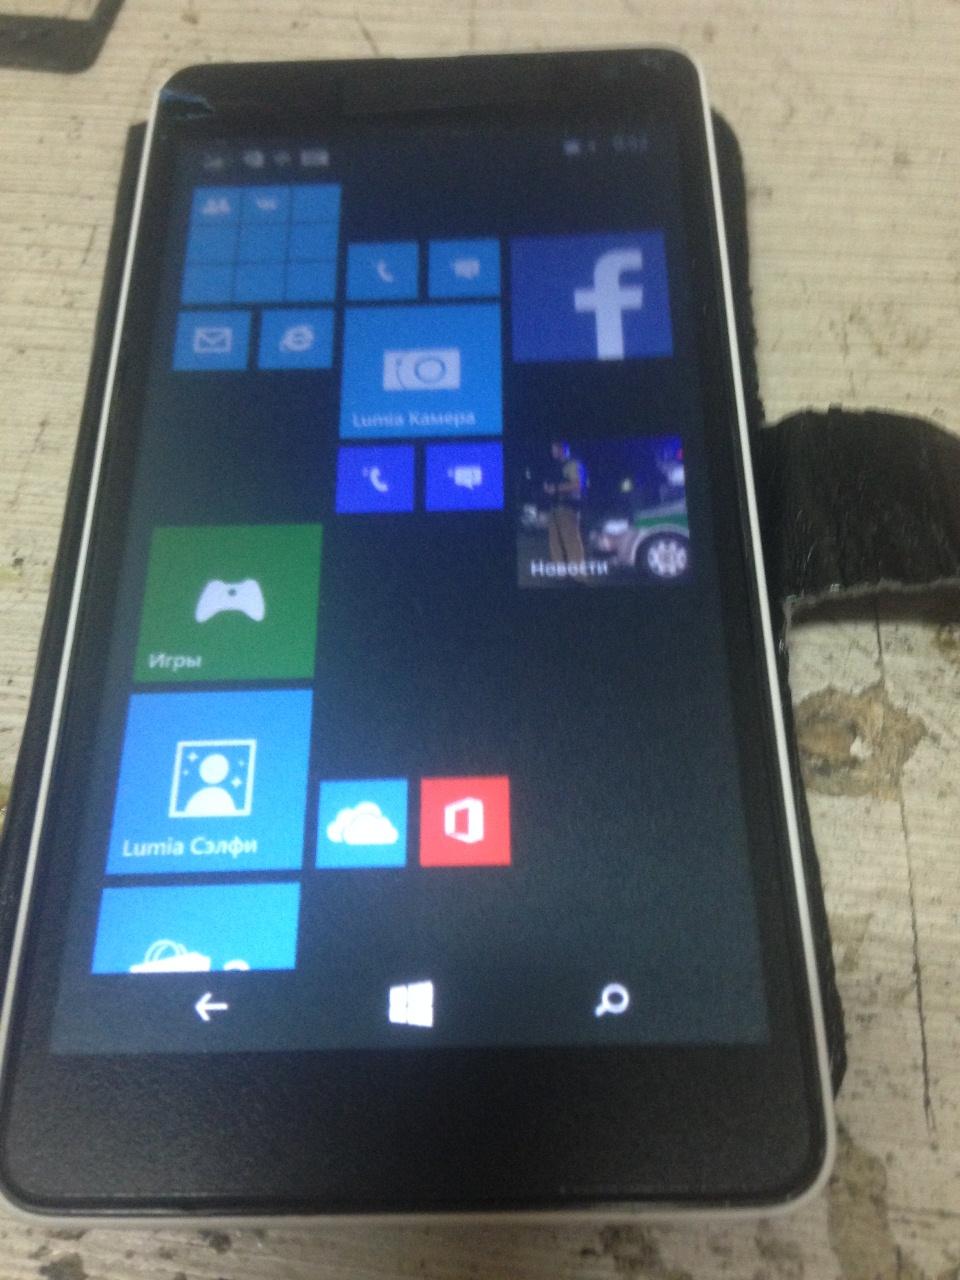 Nokia_Microsoft_Lumia_535_RM1090_12